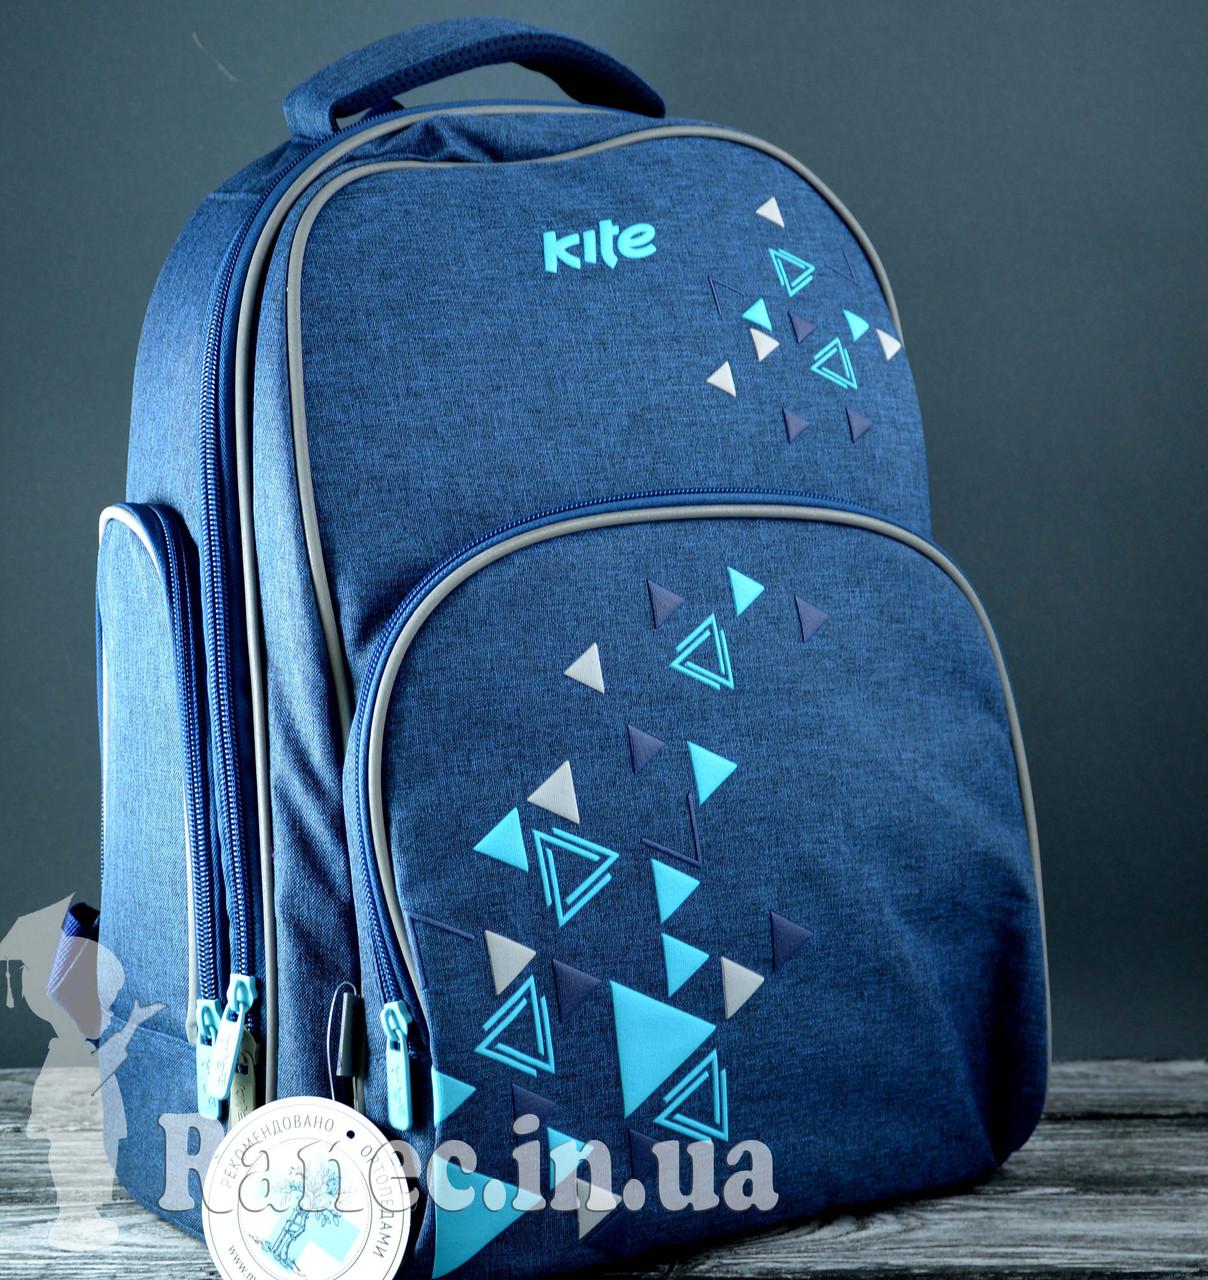 42c2ba356792 Школьный рюкзак Kite 705 Be bright K18-705S-2 рюкзак шкільний Кайт - ЧП